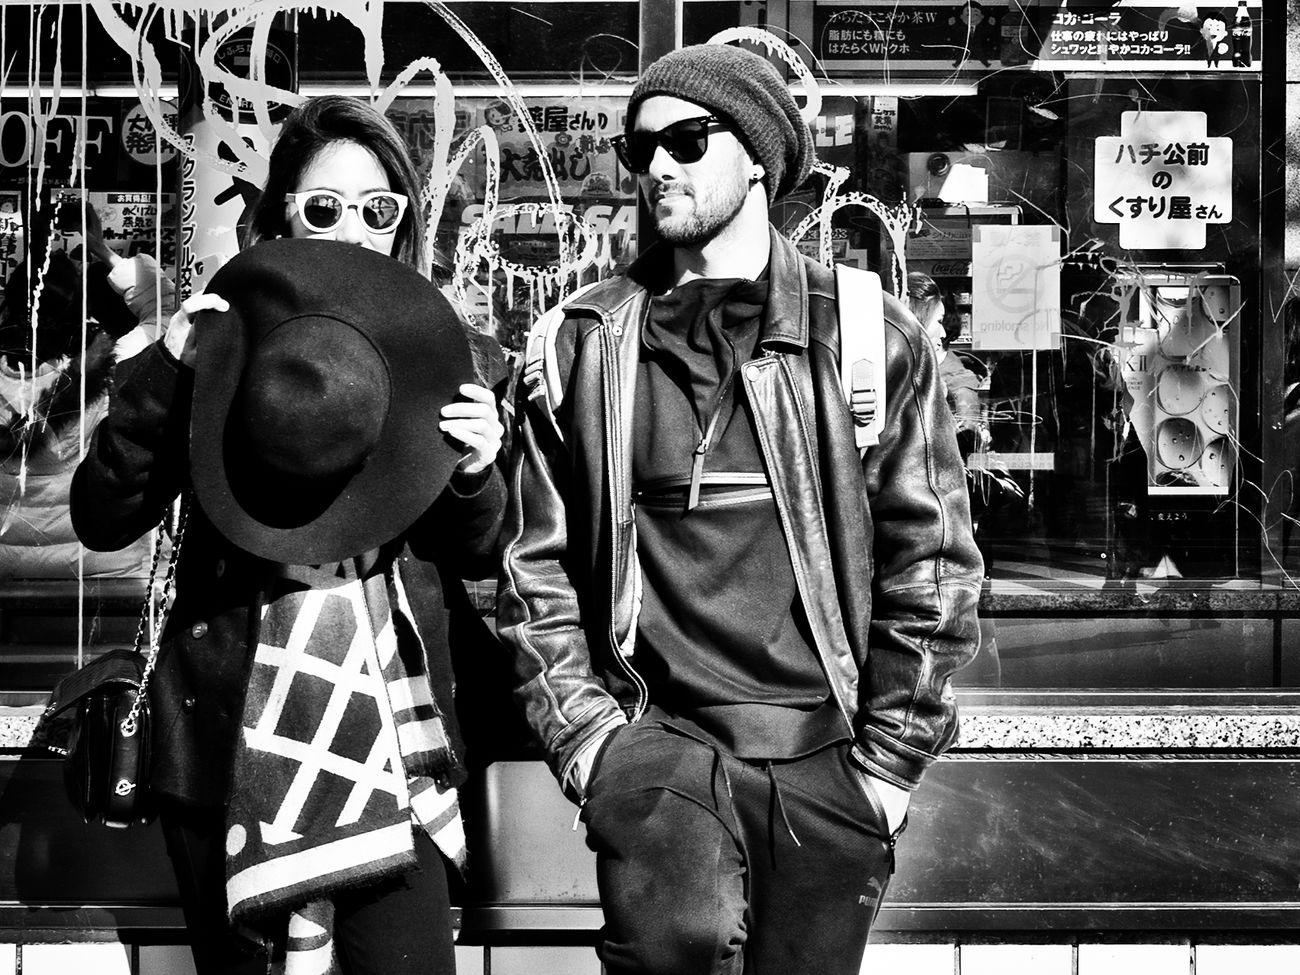 トーキョー・ブルース ~Tokyo Blues~ 渋谷 Shibuya #1 Shibuya SHINJYUKU Sting_the_street Street Street Photography Streetphoto Streetphoto_bw Streetphotographer Streetphotographers Streetphotography Streetphotography_bw Tokyo Tokyo Street Photography Tokyo,Japan